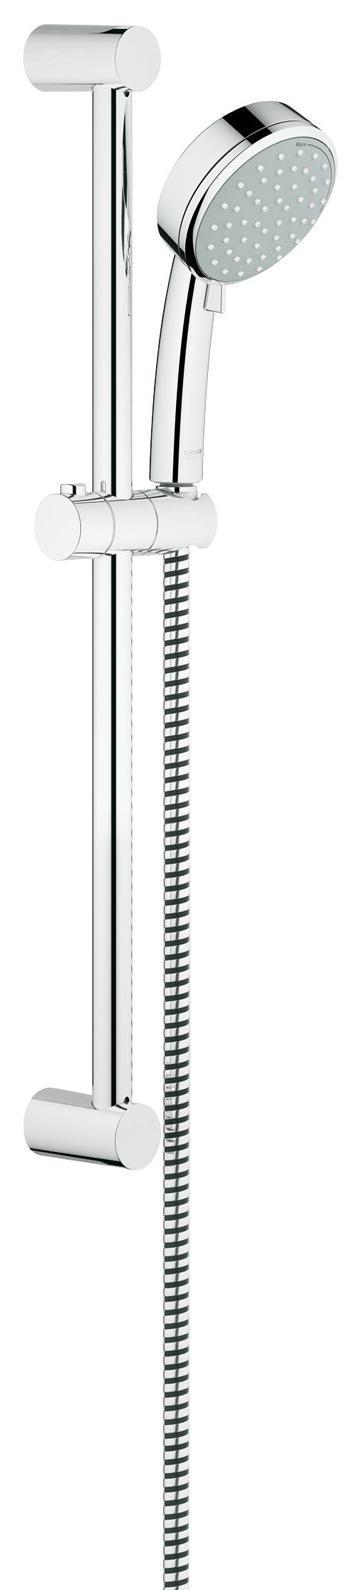 Душевой гарнитур GROHE Tempesta Cosmopolitan (ручной душ, штанга 600 мм, шланг 1750 мм), хром27578001Душевая гарнитура, 2 вида струй включает в себя: ручной душ (27 571 001) душевая штанга, 600 мм (27 521 000) душевой шланг Relexaflex 1750 мм 1/2 x 1/2 (28 154 000) GROHE DreamSpray превосходный поток воды GROHE StarLight хромированная поверхностьс системой SpeedClean против известковых отложений Внутренний охлаждающий канал для продолжительного срока службы может использоваться с проточным водонагревателем минимальное давление 1,0 барВидео по установке является исключительно информационным. Установка должна проводиться профессионалами! Серия: Tempesta Cosmopolitan; цвет: хром